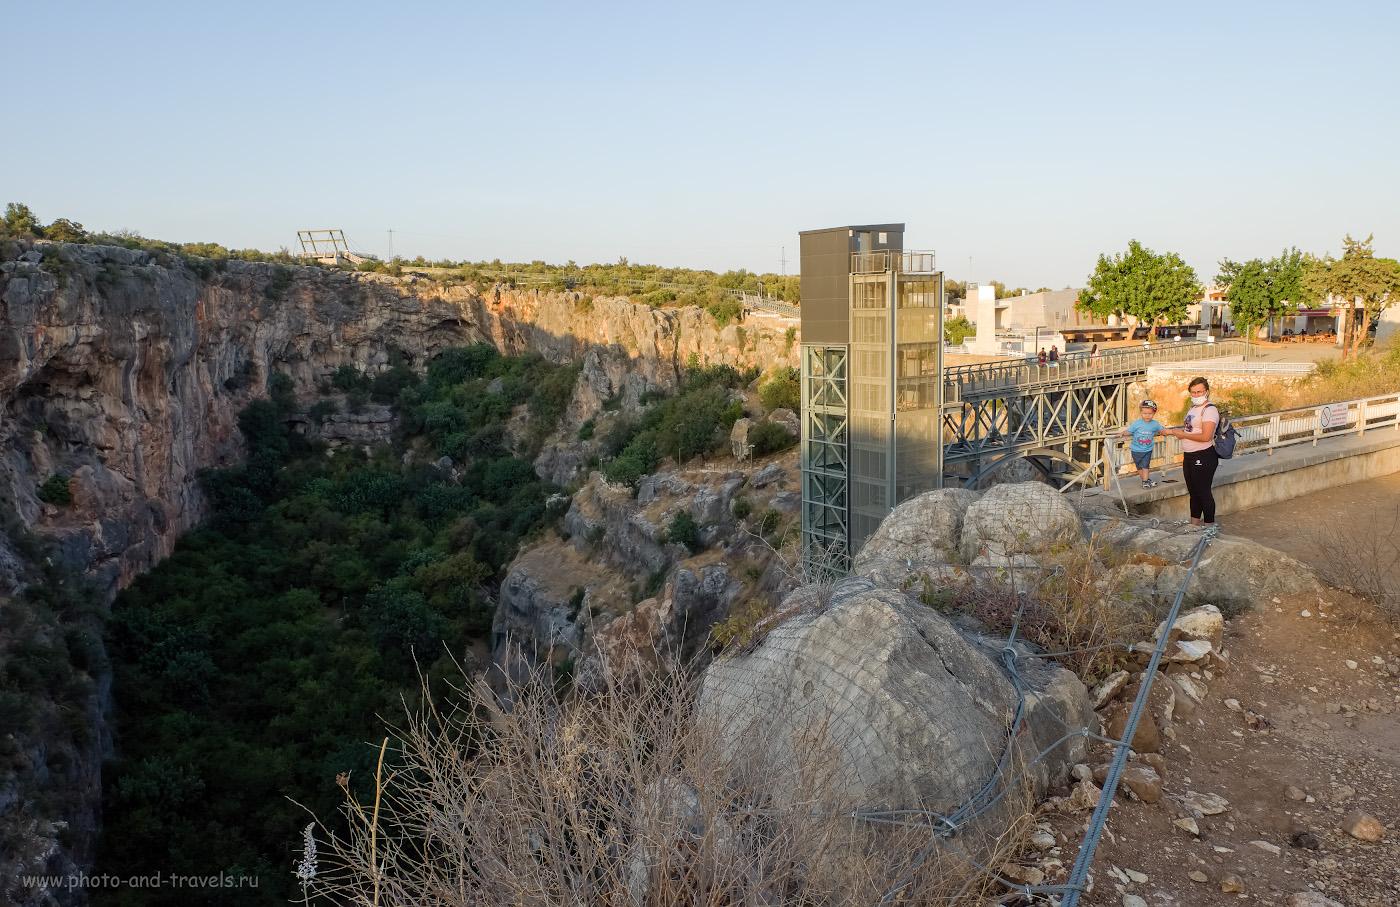 2. По пути к руинам античного города Ольба (Olba Antik Kenti) можно увидеть пещеры Рай и Ад (Cennet ve Cehennem Obrukları, Дженнет и Дженнем). Что посмотреть, отдыхая в Кызкалеси провинции Мерсин. 1/80, 8.0, 200, -0.33, 16.